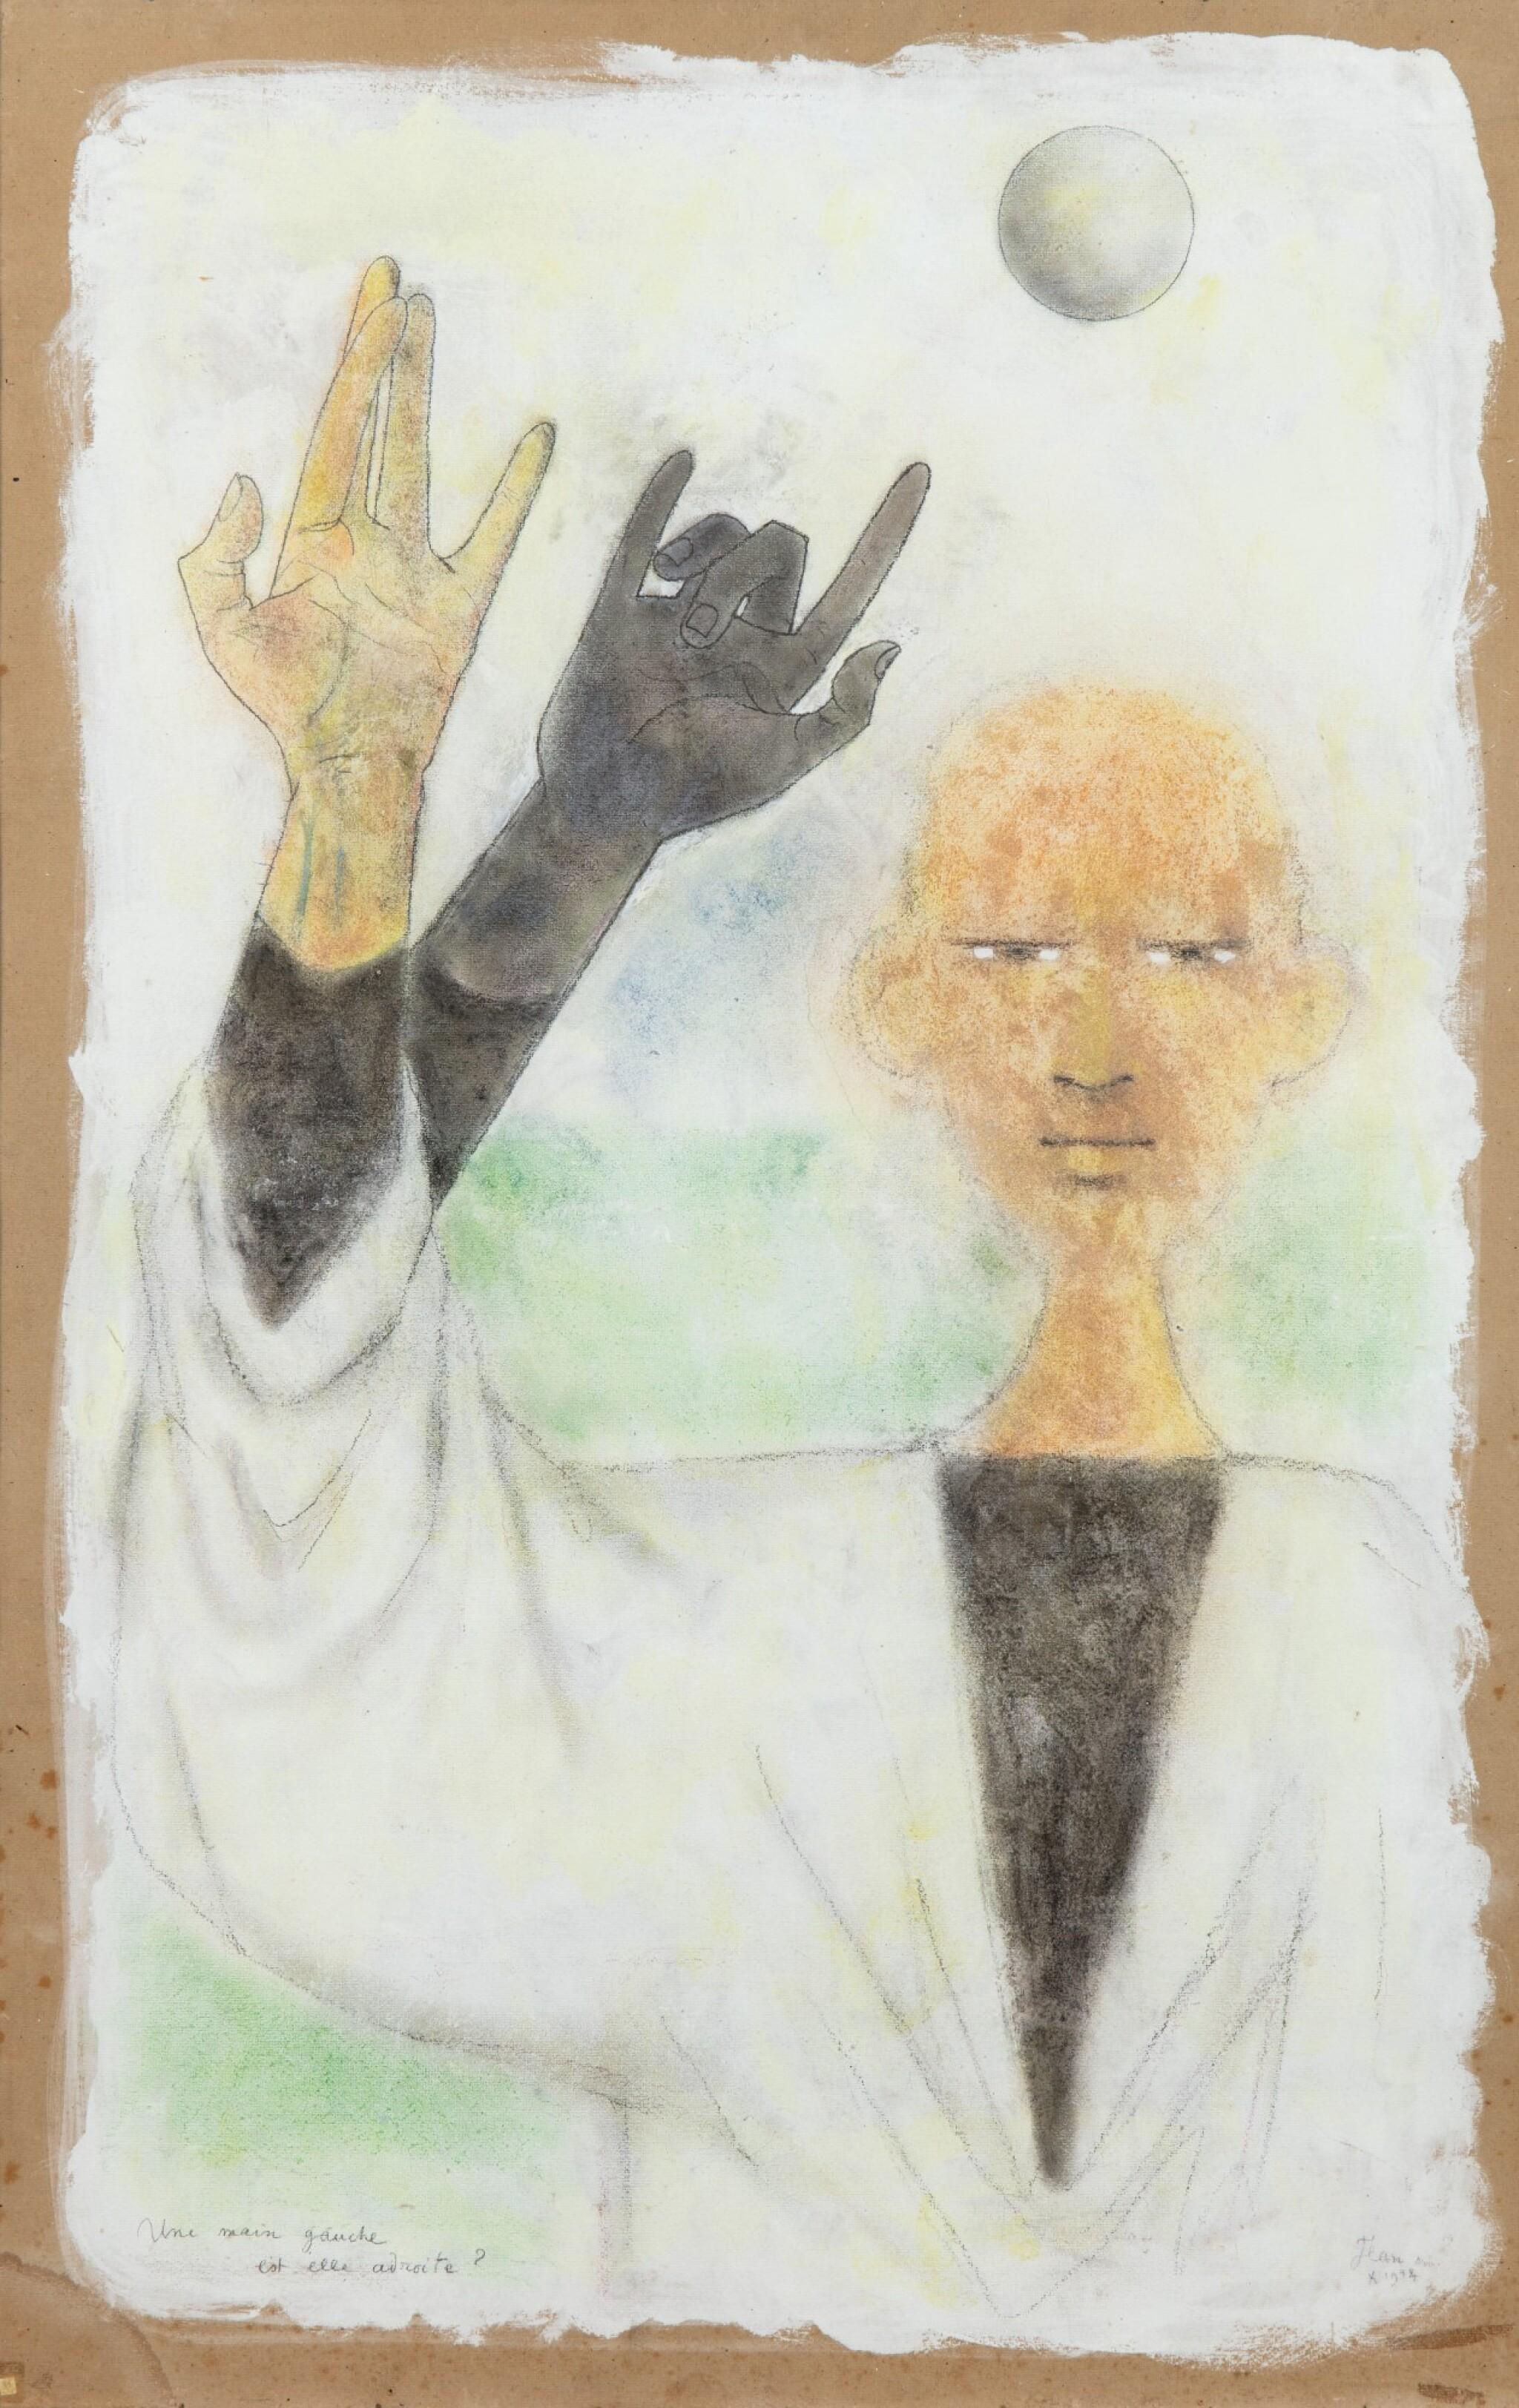 """View full screen - View 1 of Lot 32. JEAN COCTEAU. Astrologue. Une main gauche est elle adroite ? 1954.Technique mixte, signée """"Jean"""", 1954, titrée par Cocteau."""